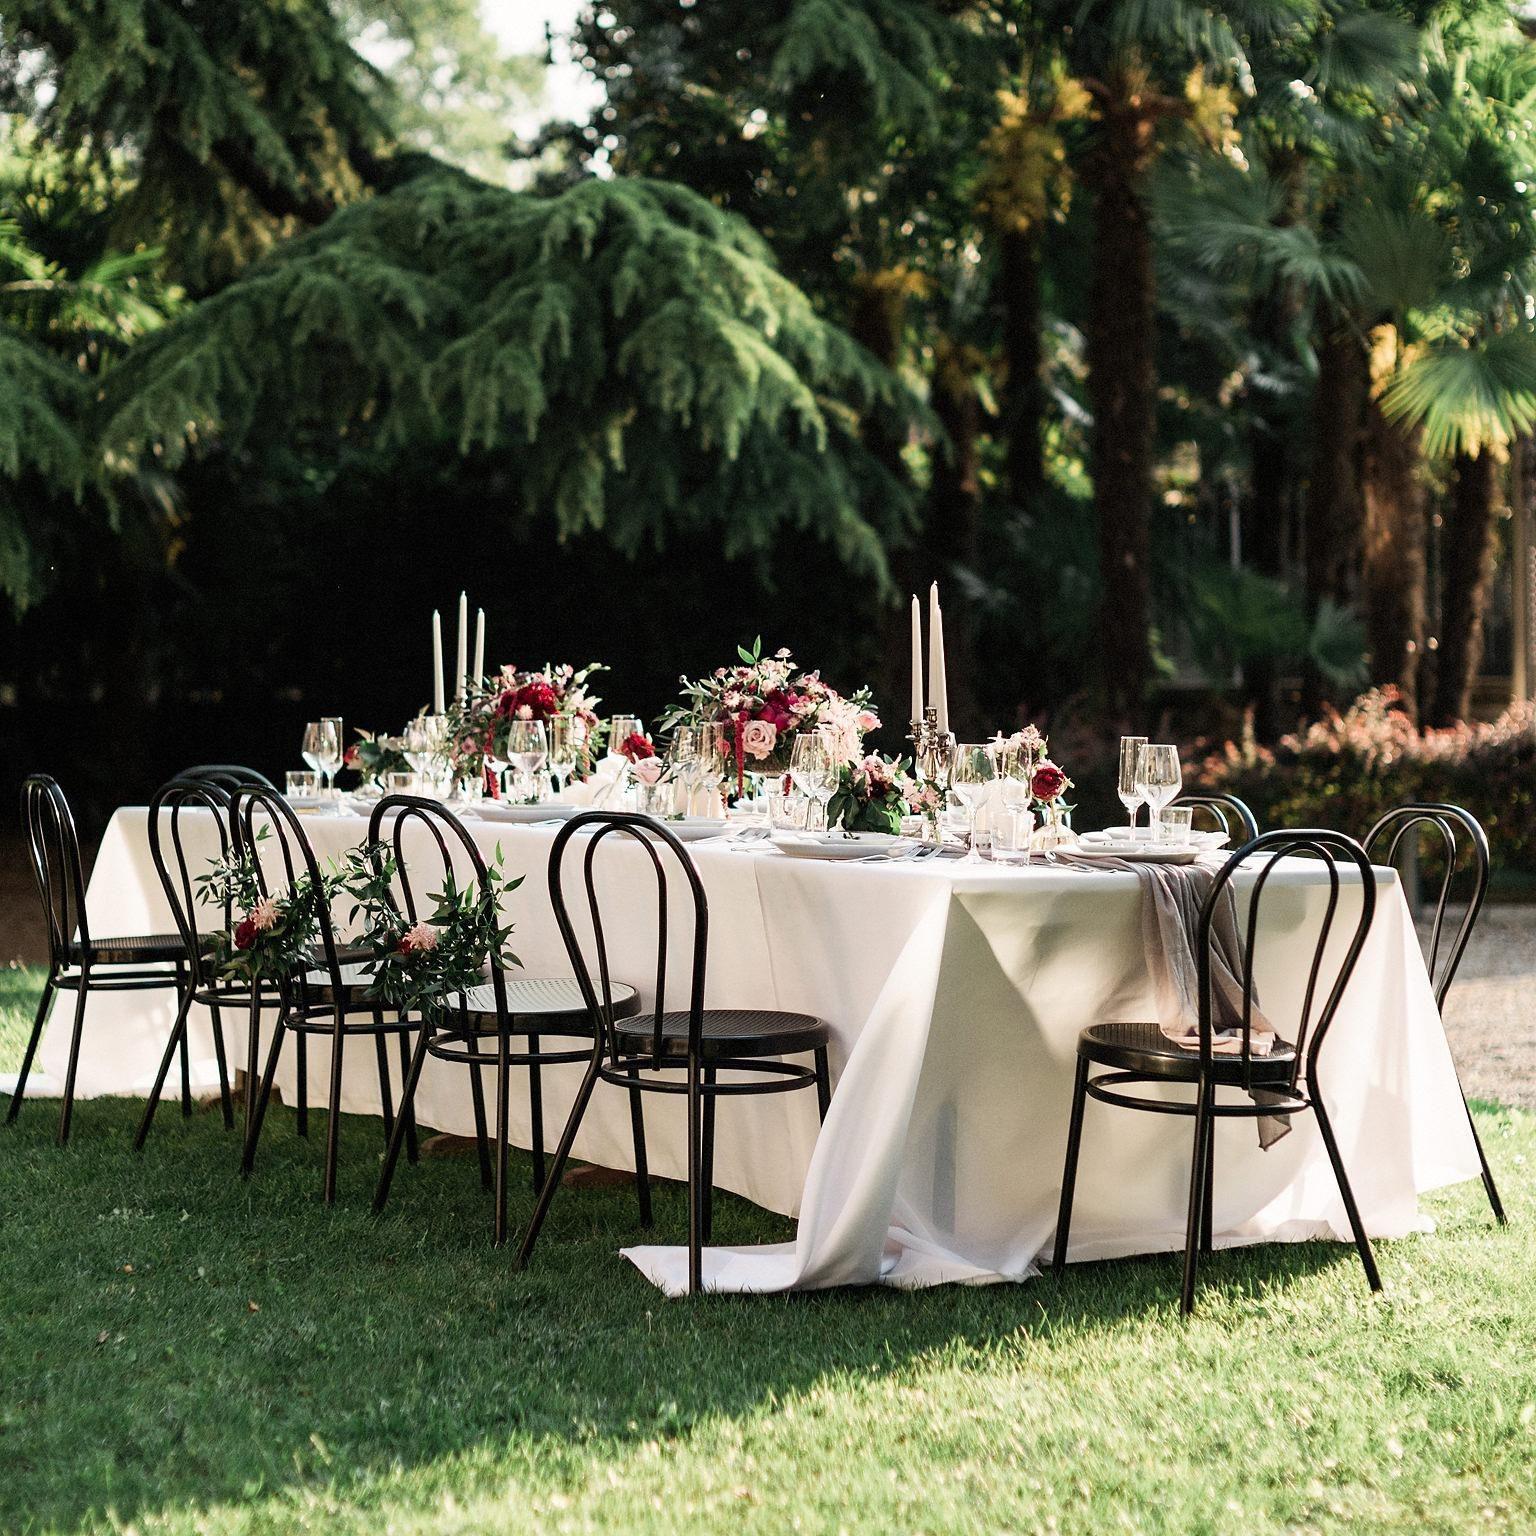 WeddingWire, Inc. est le premier site mondial en ligne reliant les couples engagés à l'événement et aux professionnels créatifs.